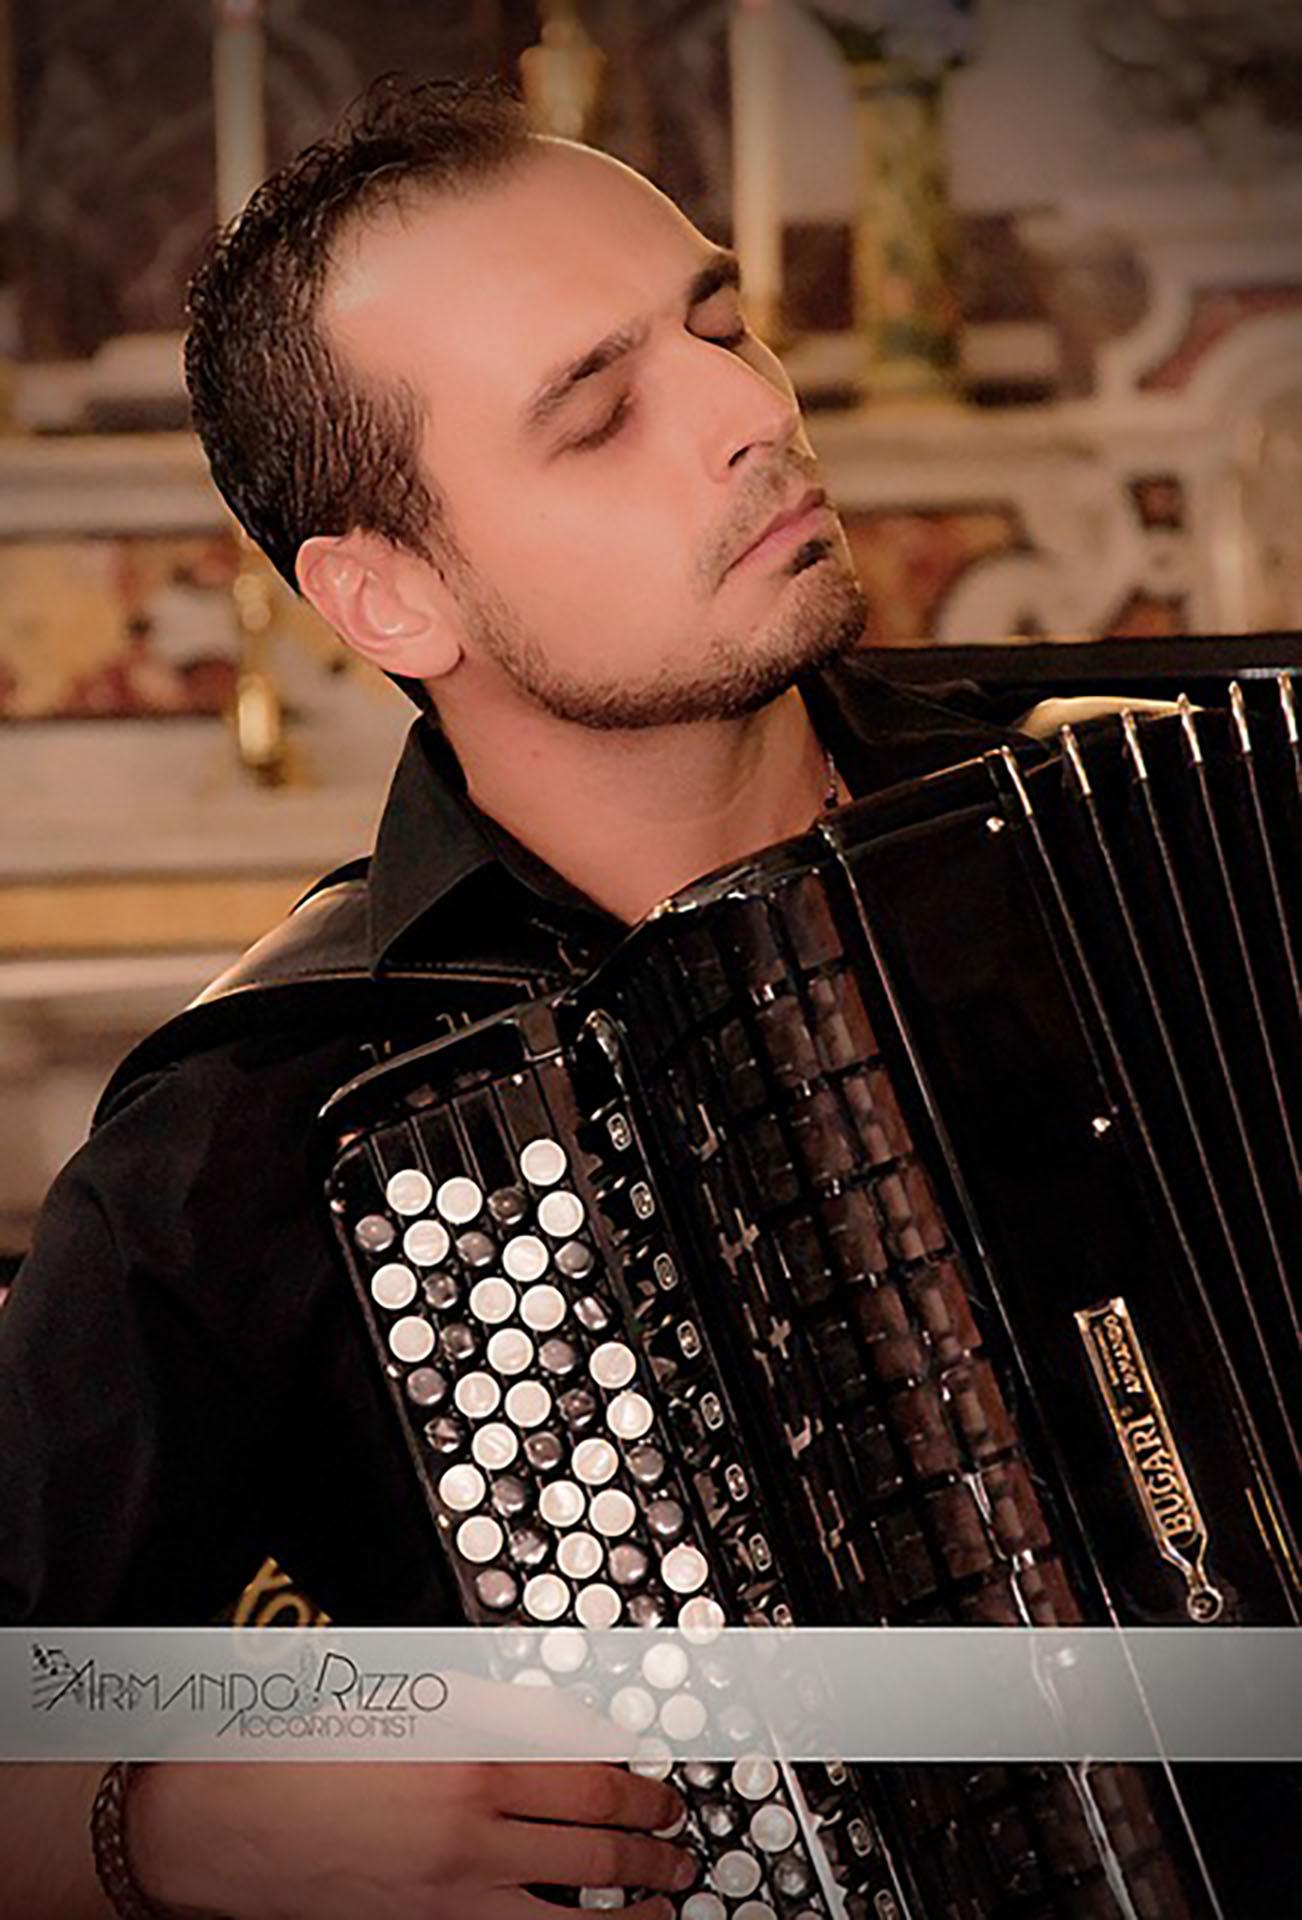 Armando Rizzo